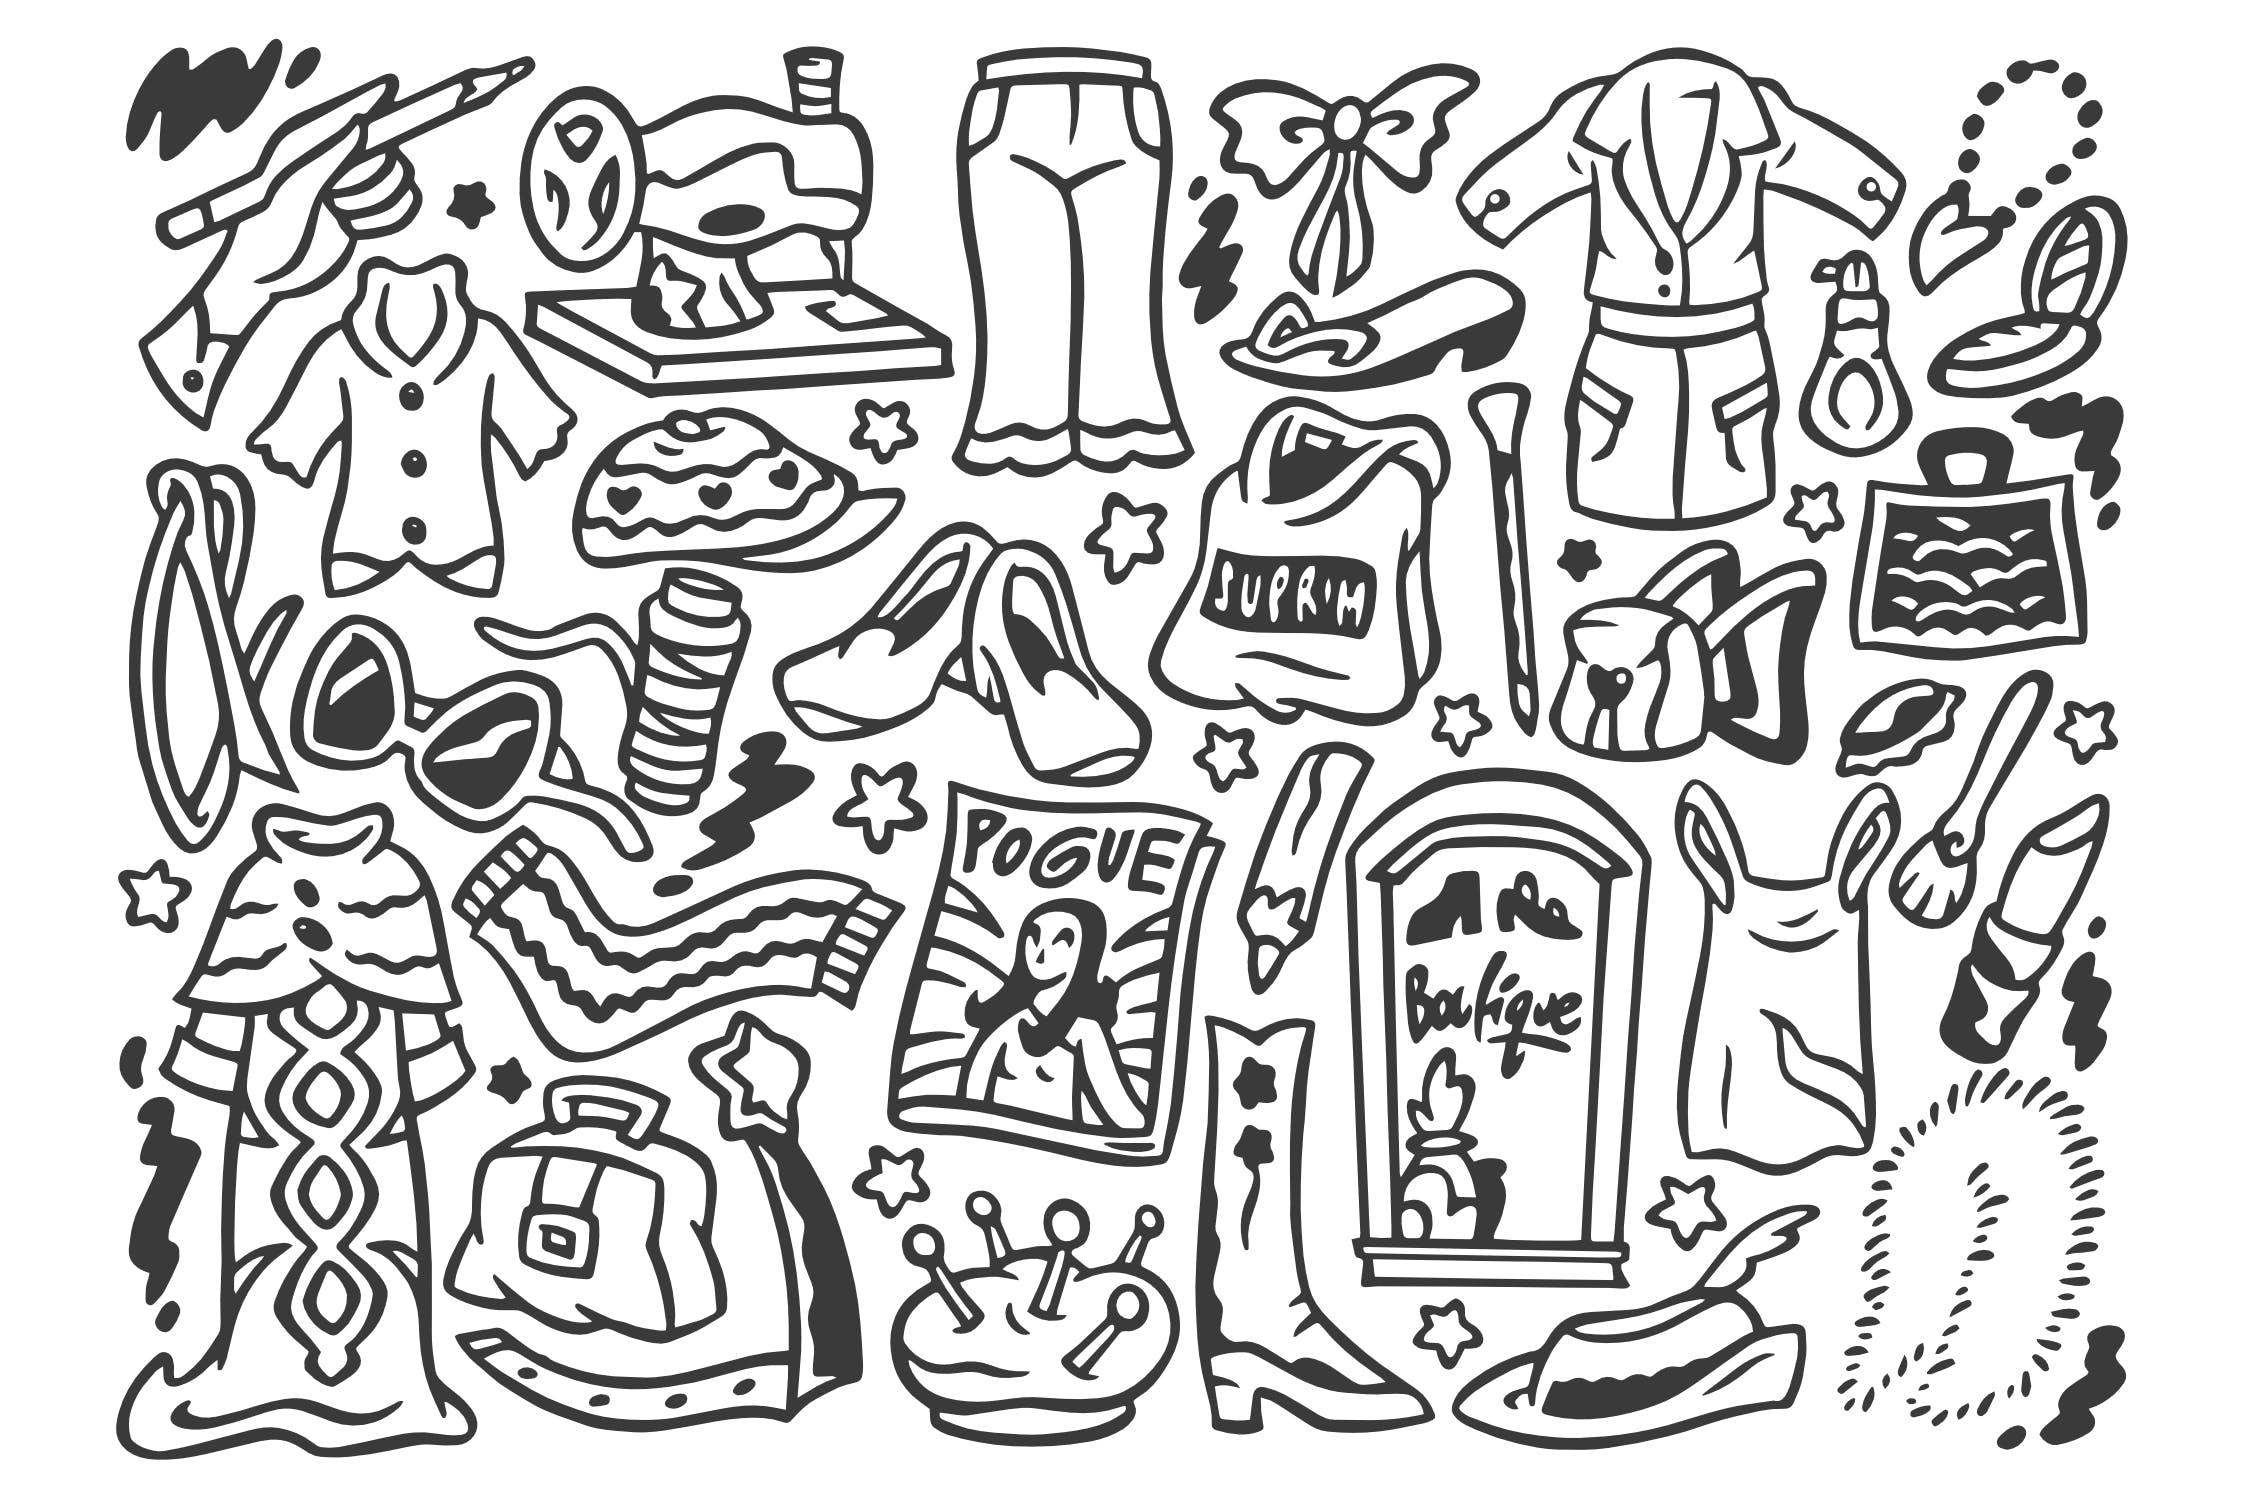 30+时尚设计师涂鸦场景素材Fashion Designer Doodles插图(1)